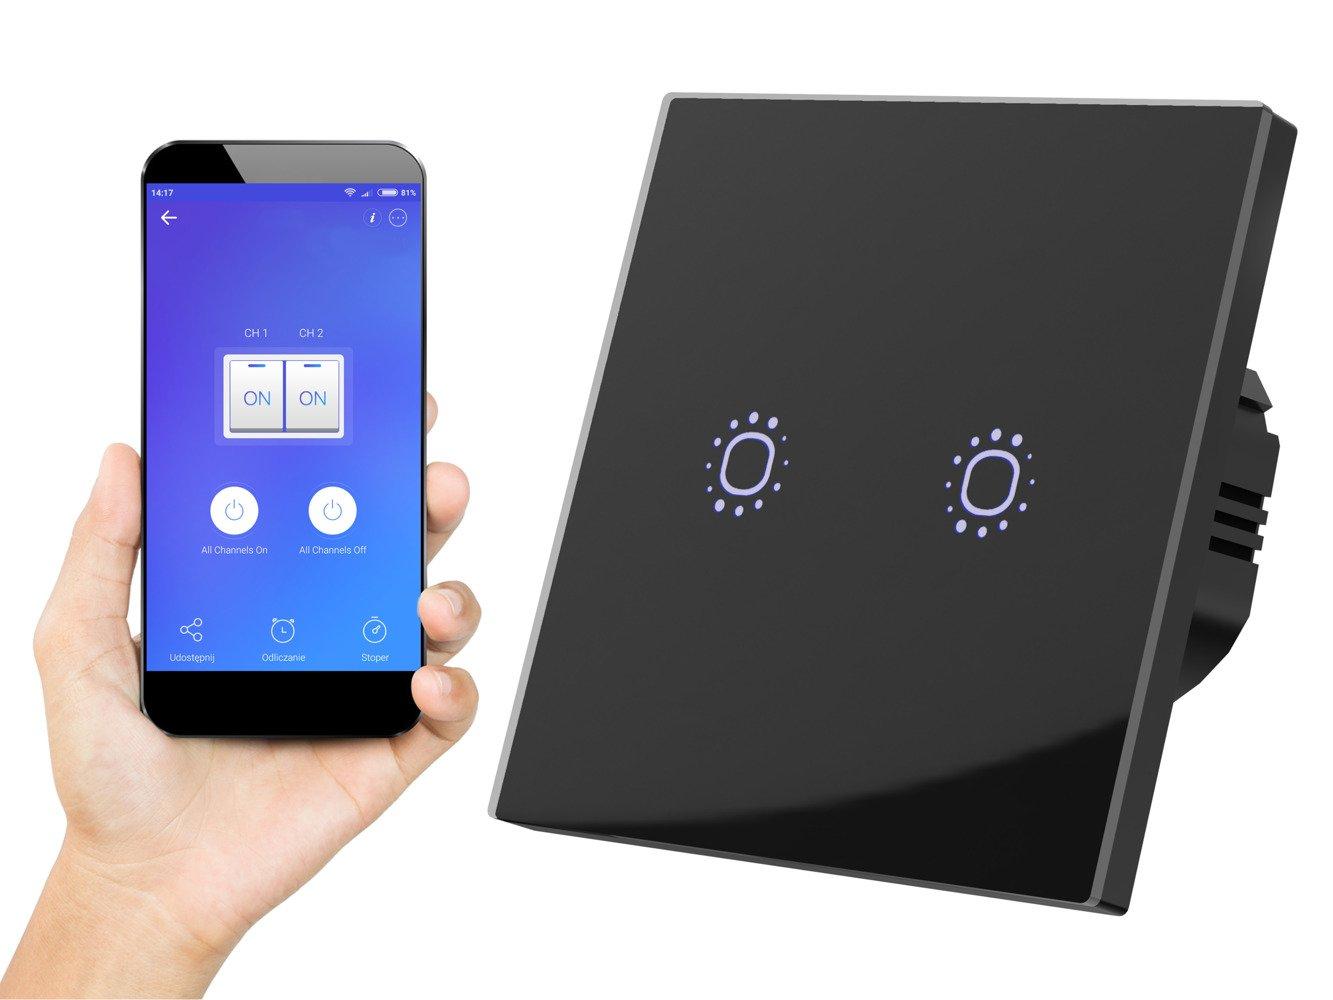 Cudowna Dotykowy włącznik światła szklany WiFi podwójny czarny 2 \ Czarny KC23